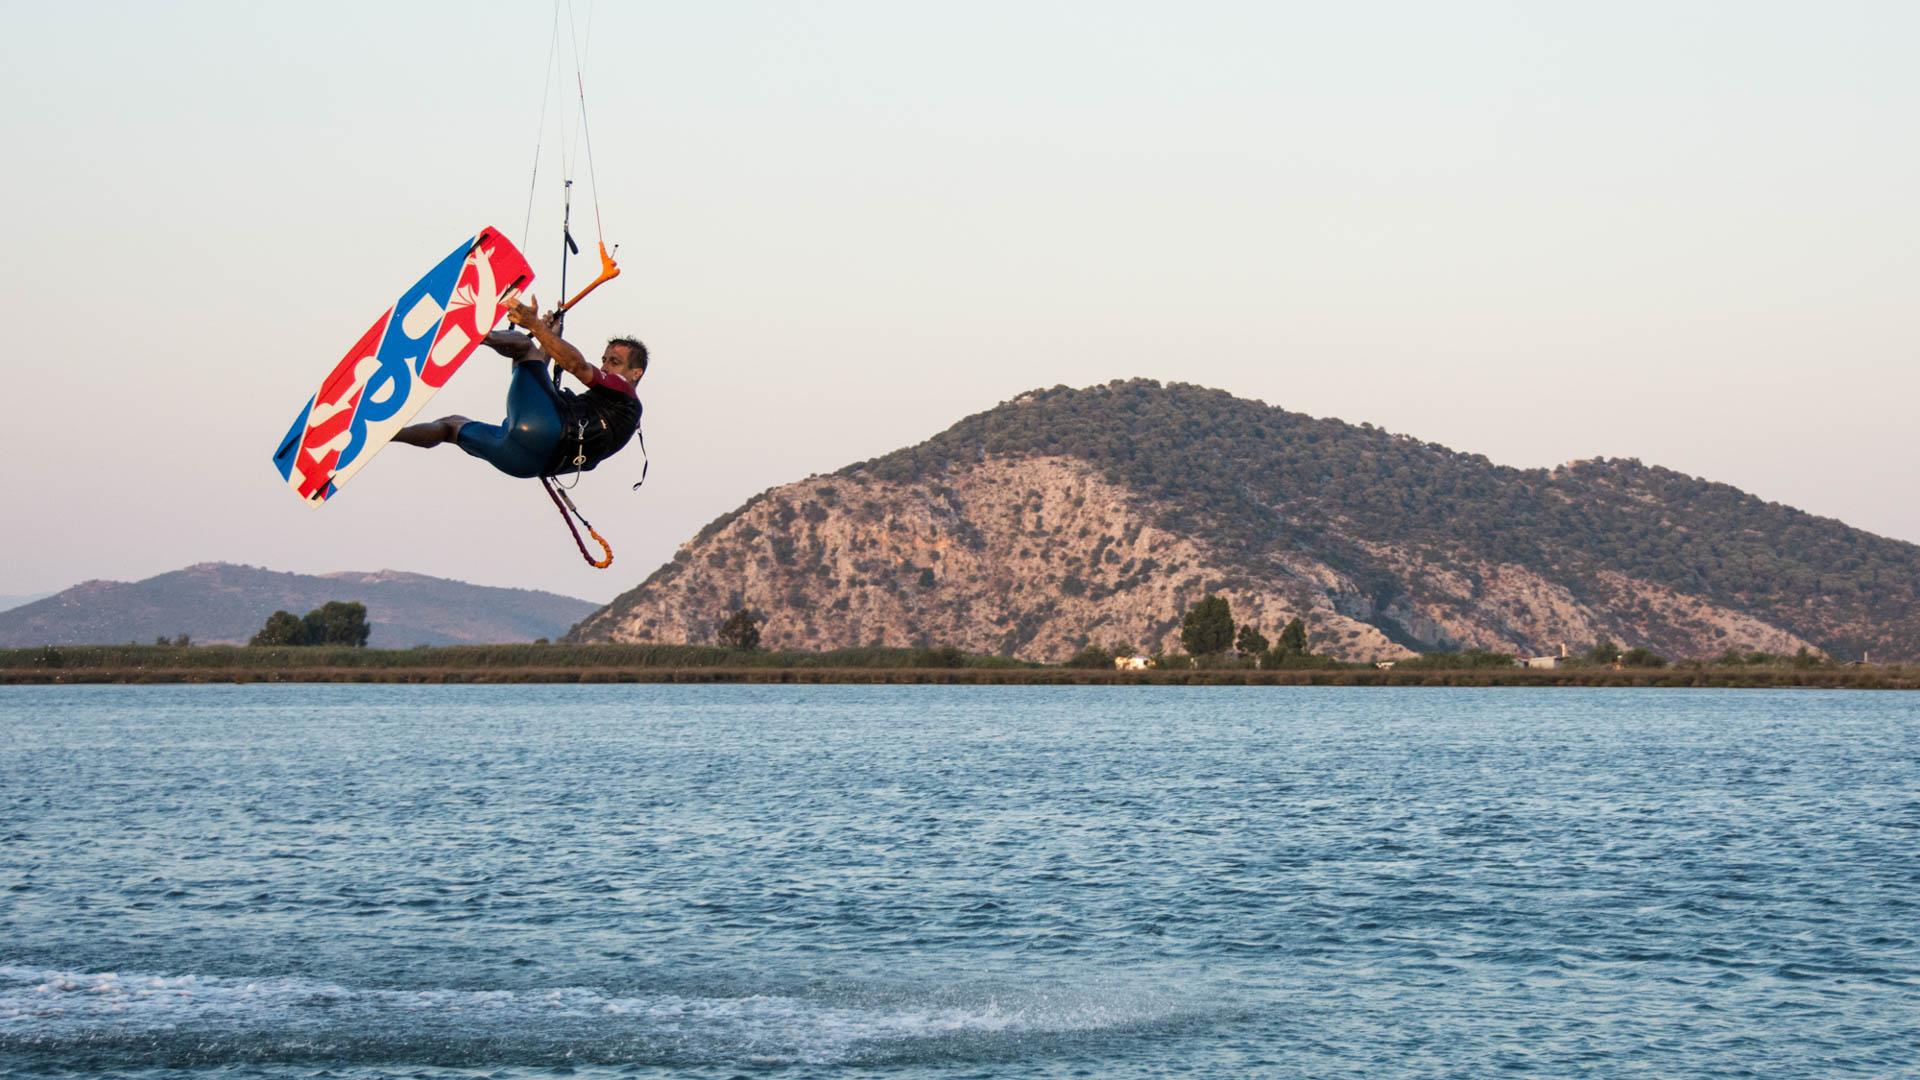 Kiter springt und greift aufs Board